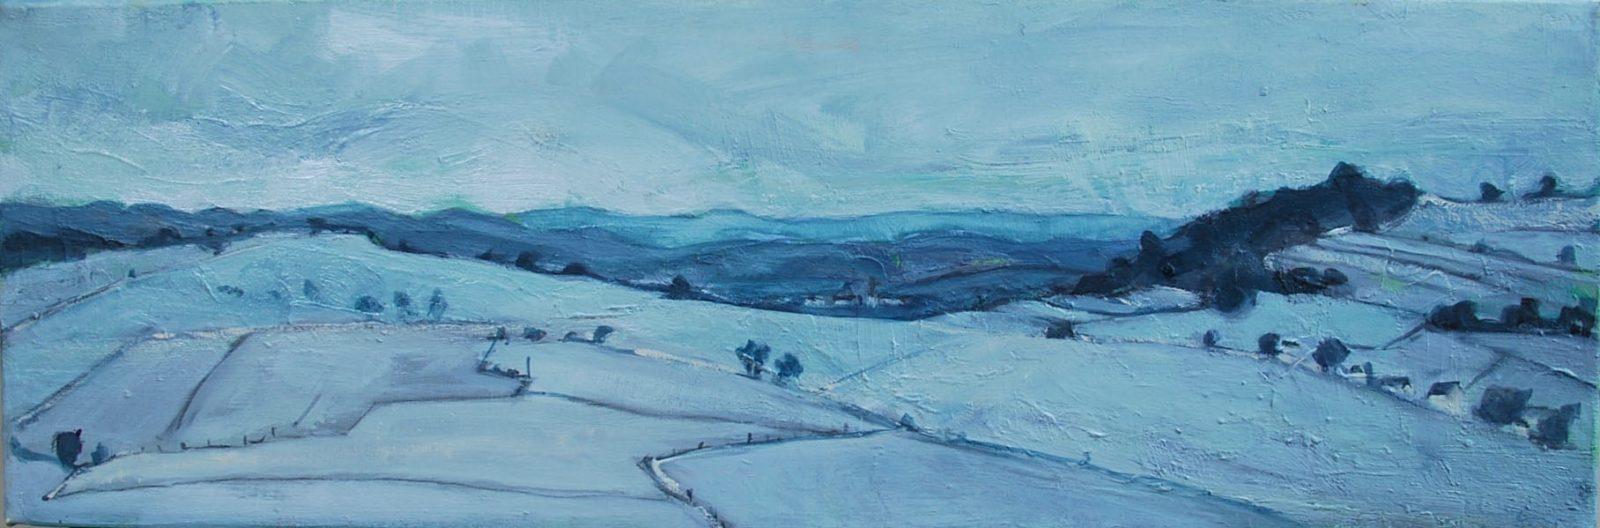 Landschaft 27bis - Collines de Lenningen